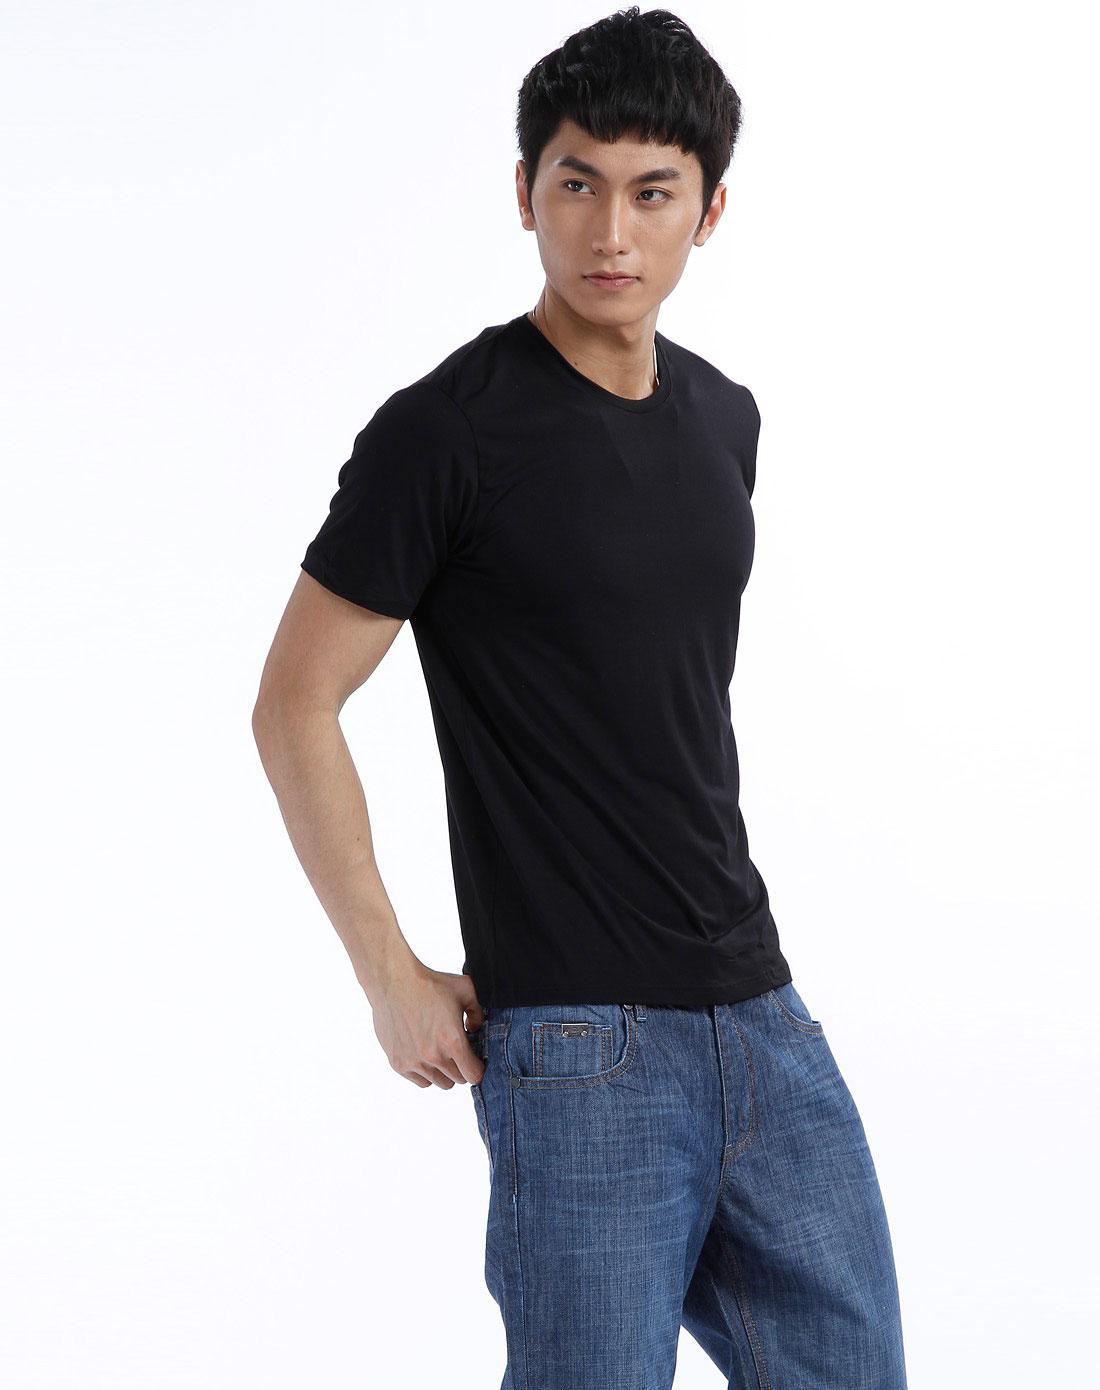 男男无?9d#9?)??i_t&di-男款黑色圆领短袖t恤